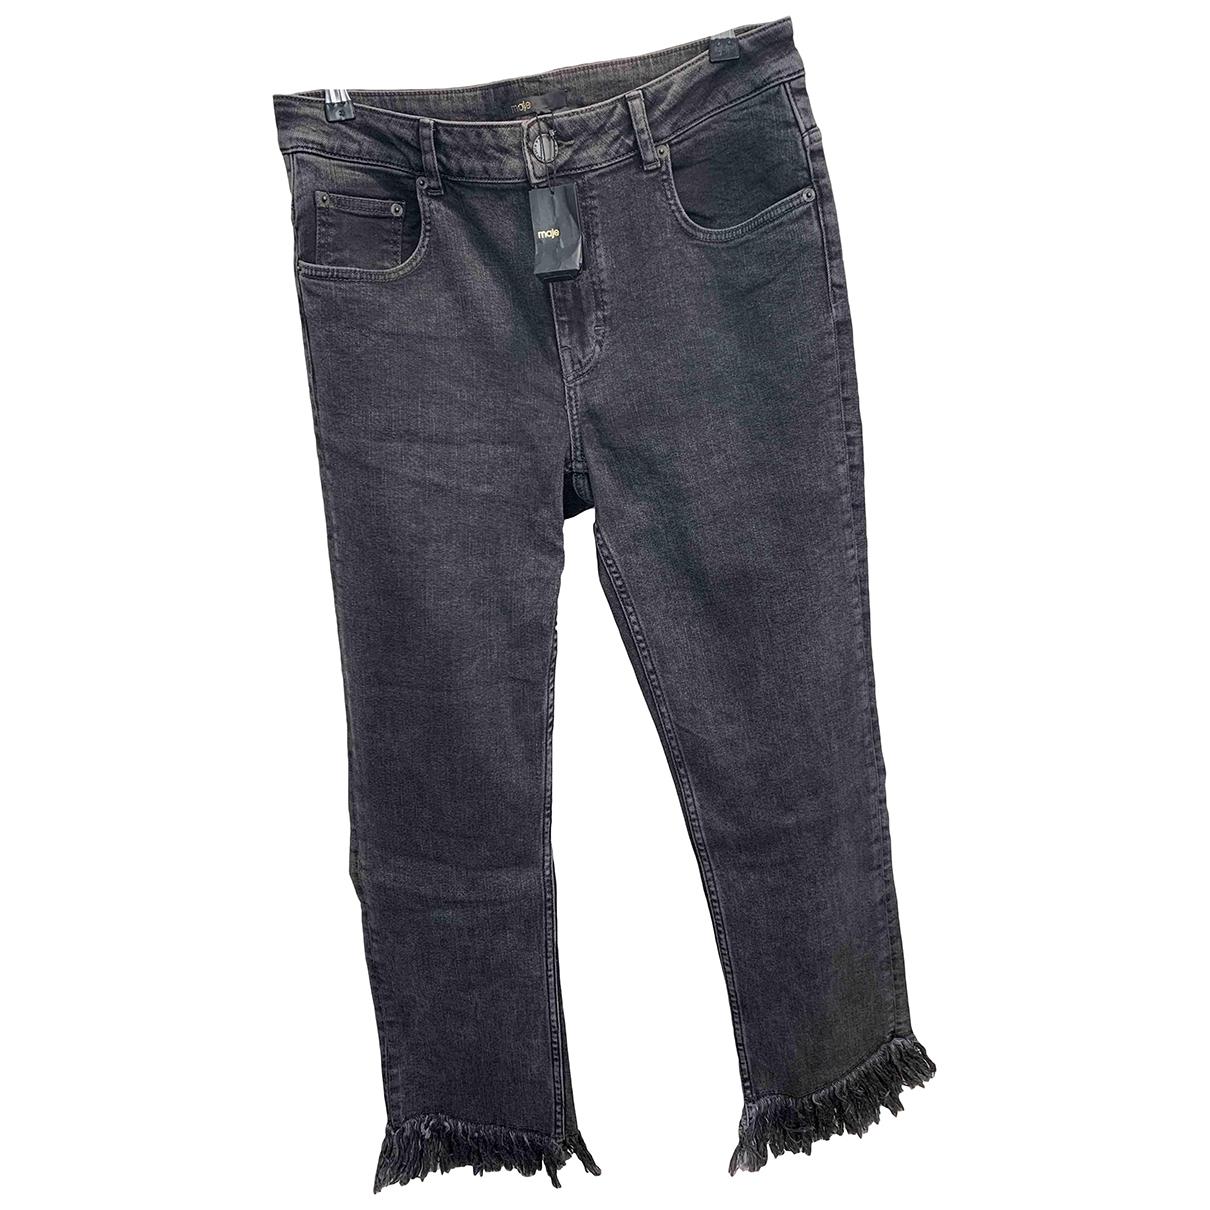 Maje Spring Summer 2019 Grey Denim - Jeans Jeans for Women 42 FR